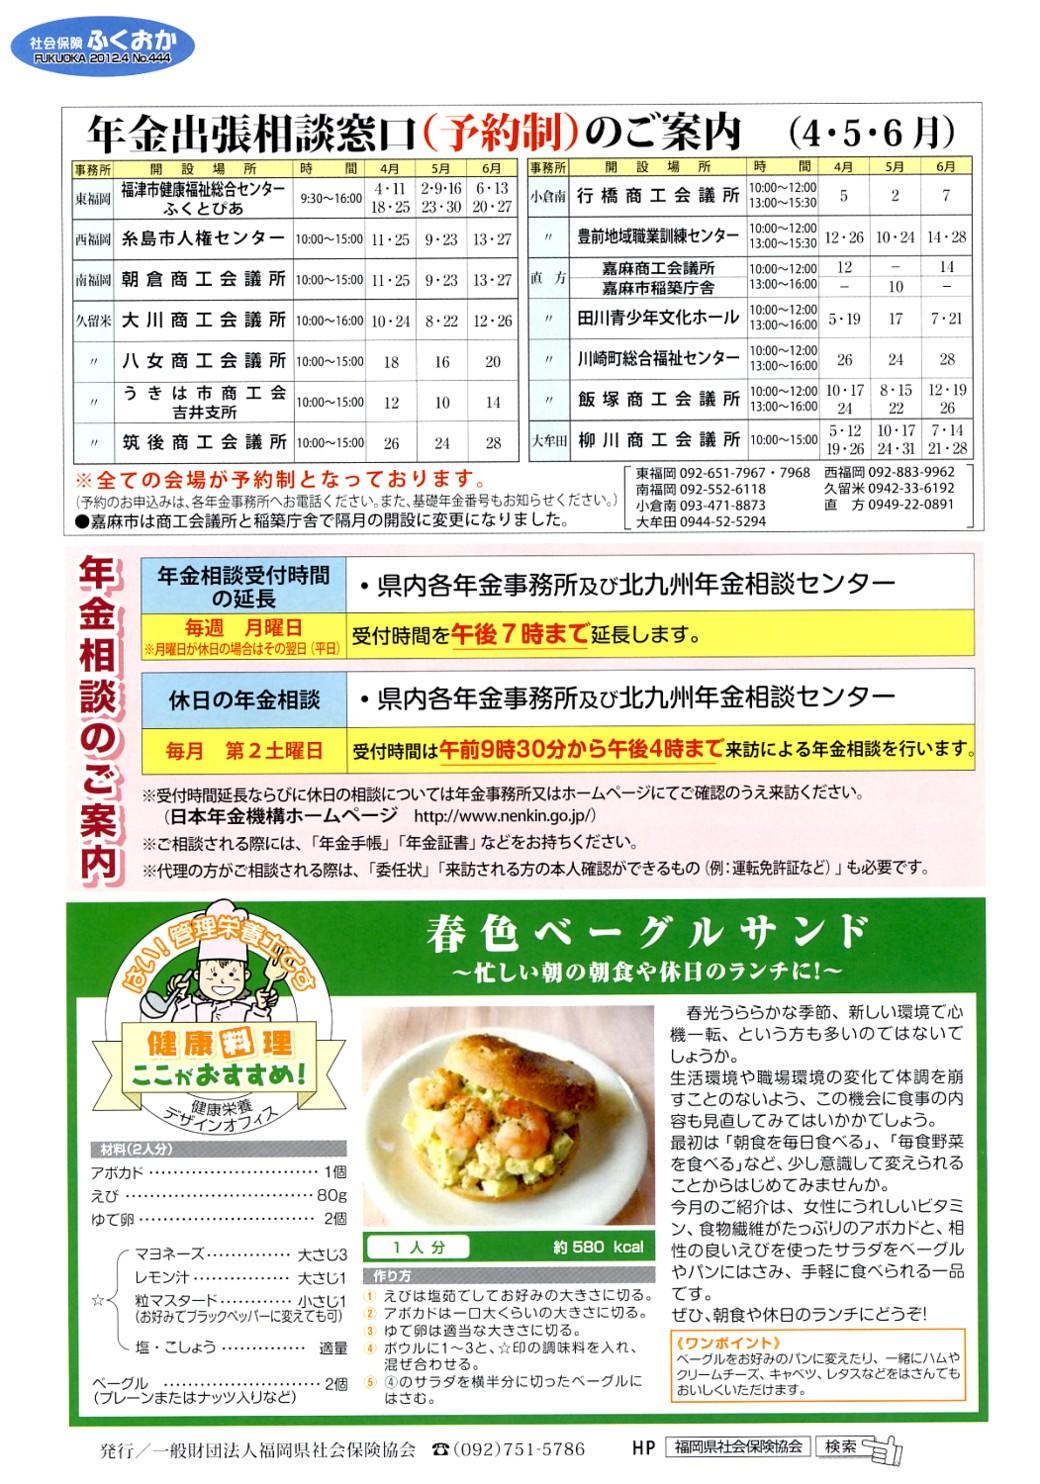 社会保険 ふくおか 2012 4月号_f0120774_13454662.jpg